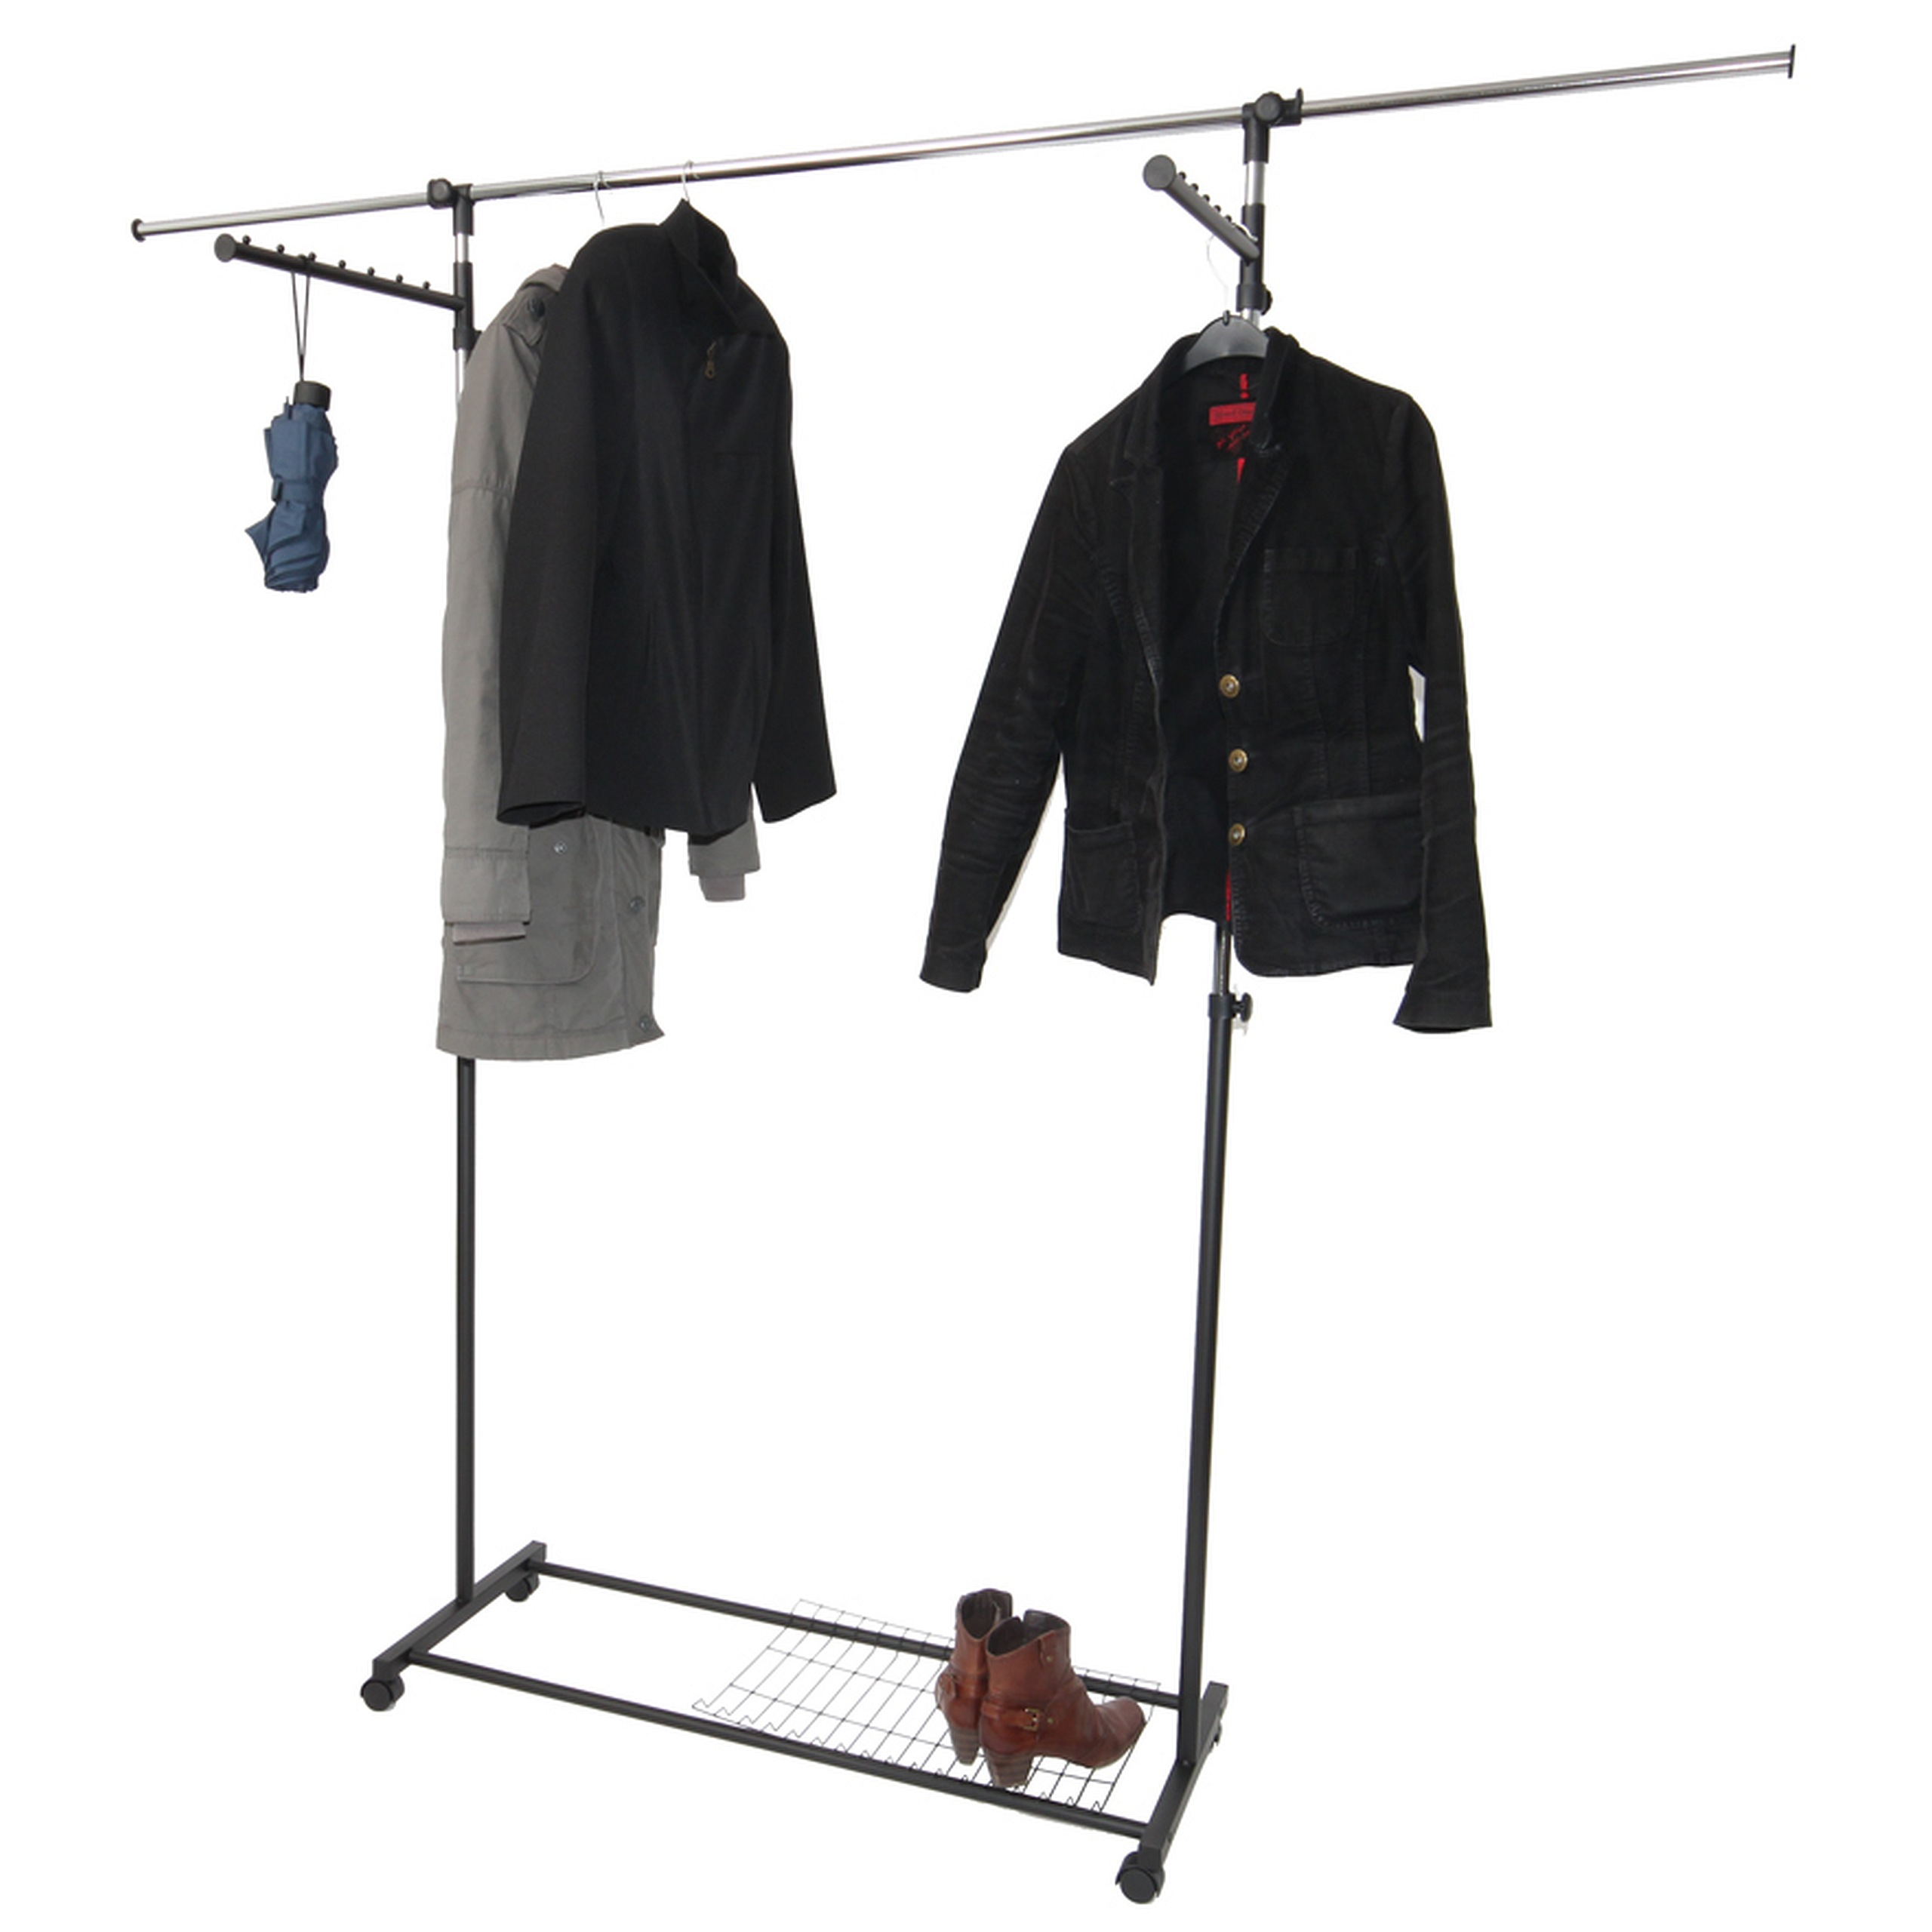 Mendler Luxus Kleiderwagen Kleiderständer Rollgarderobe, fahrbar, mit Seitenhanger ausziehbar 12504